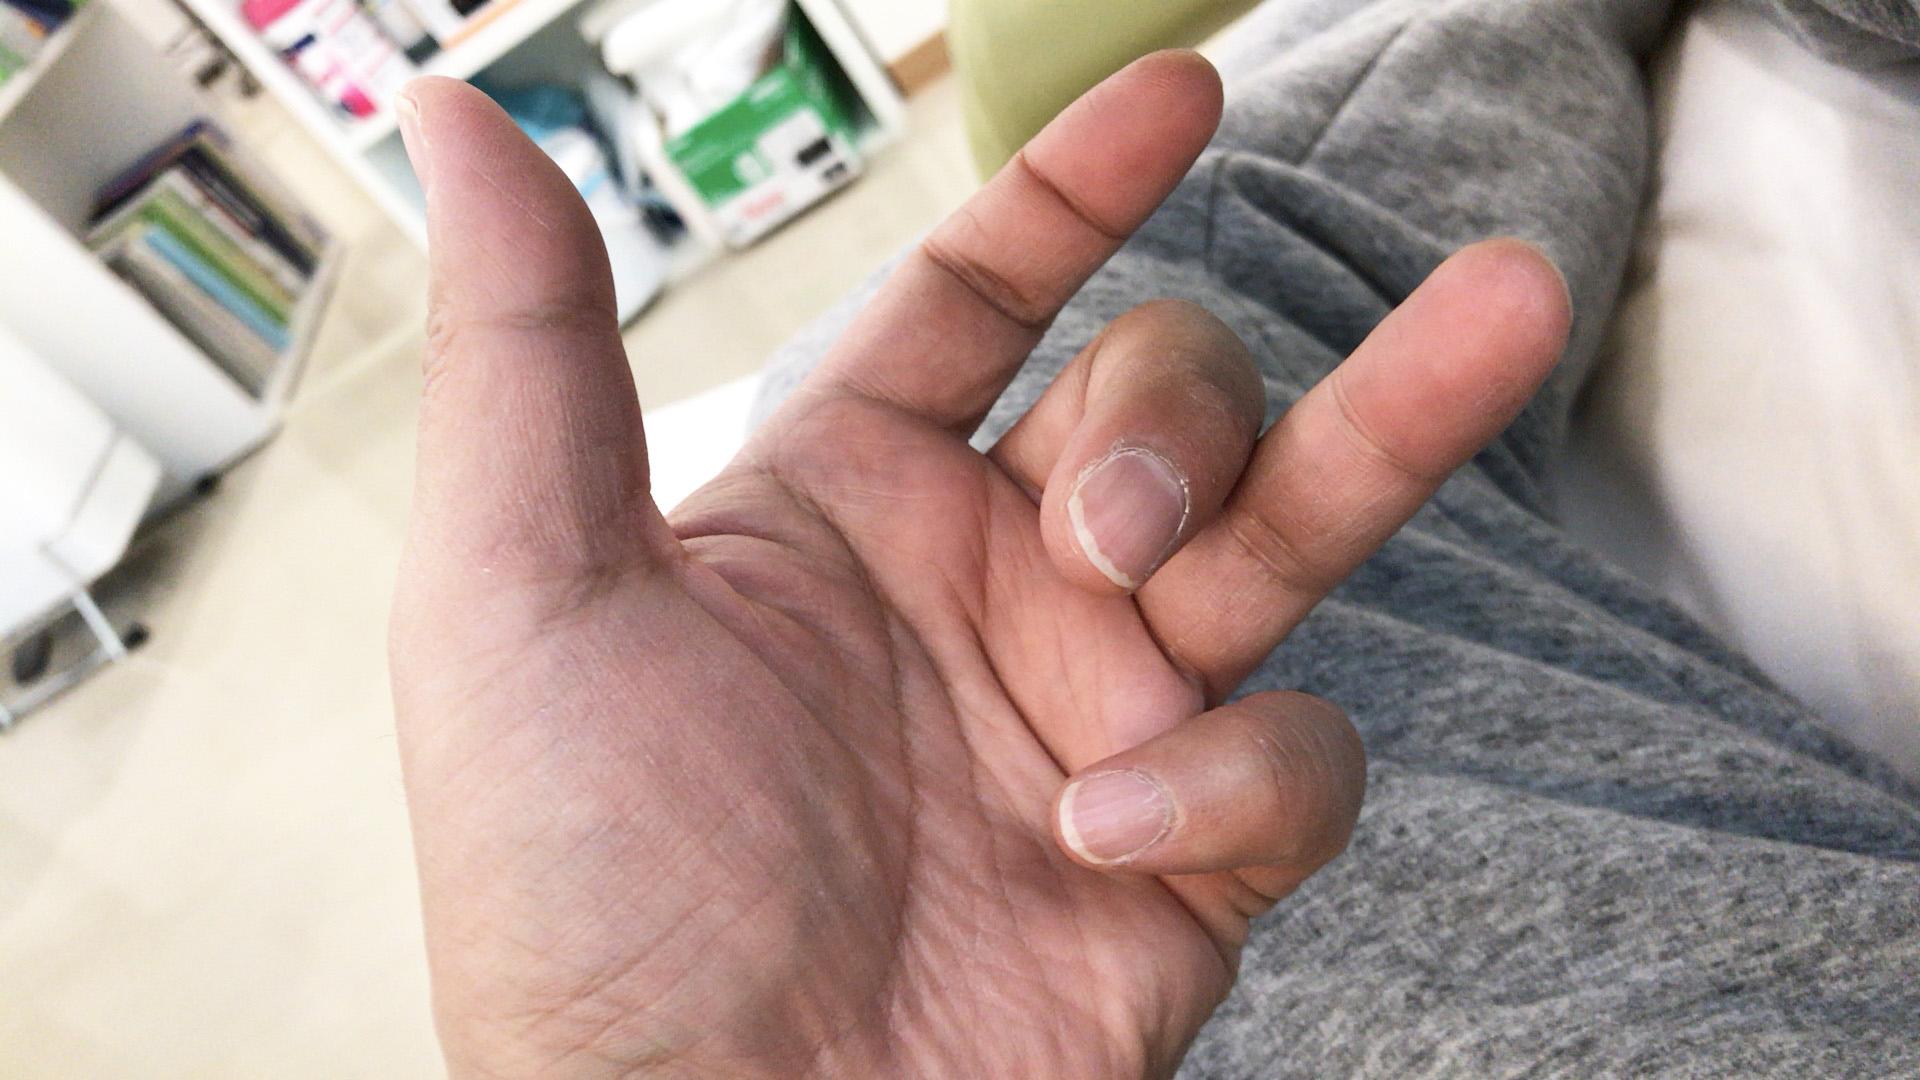 透析中にばね指になったから「グワシ」やってみた